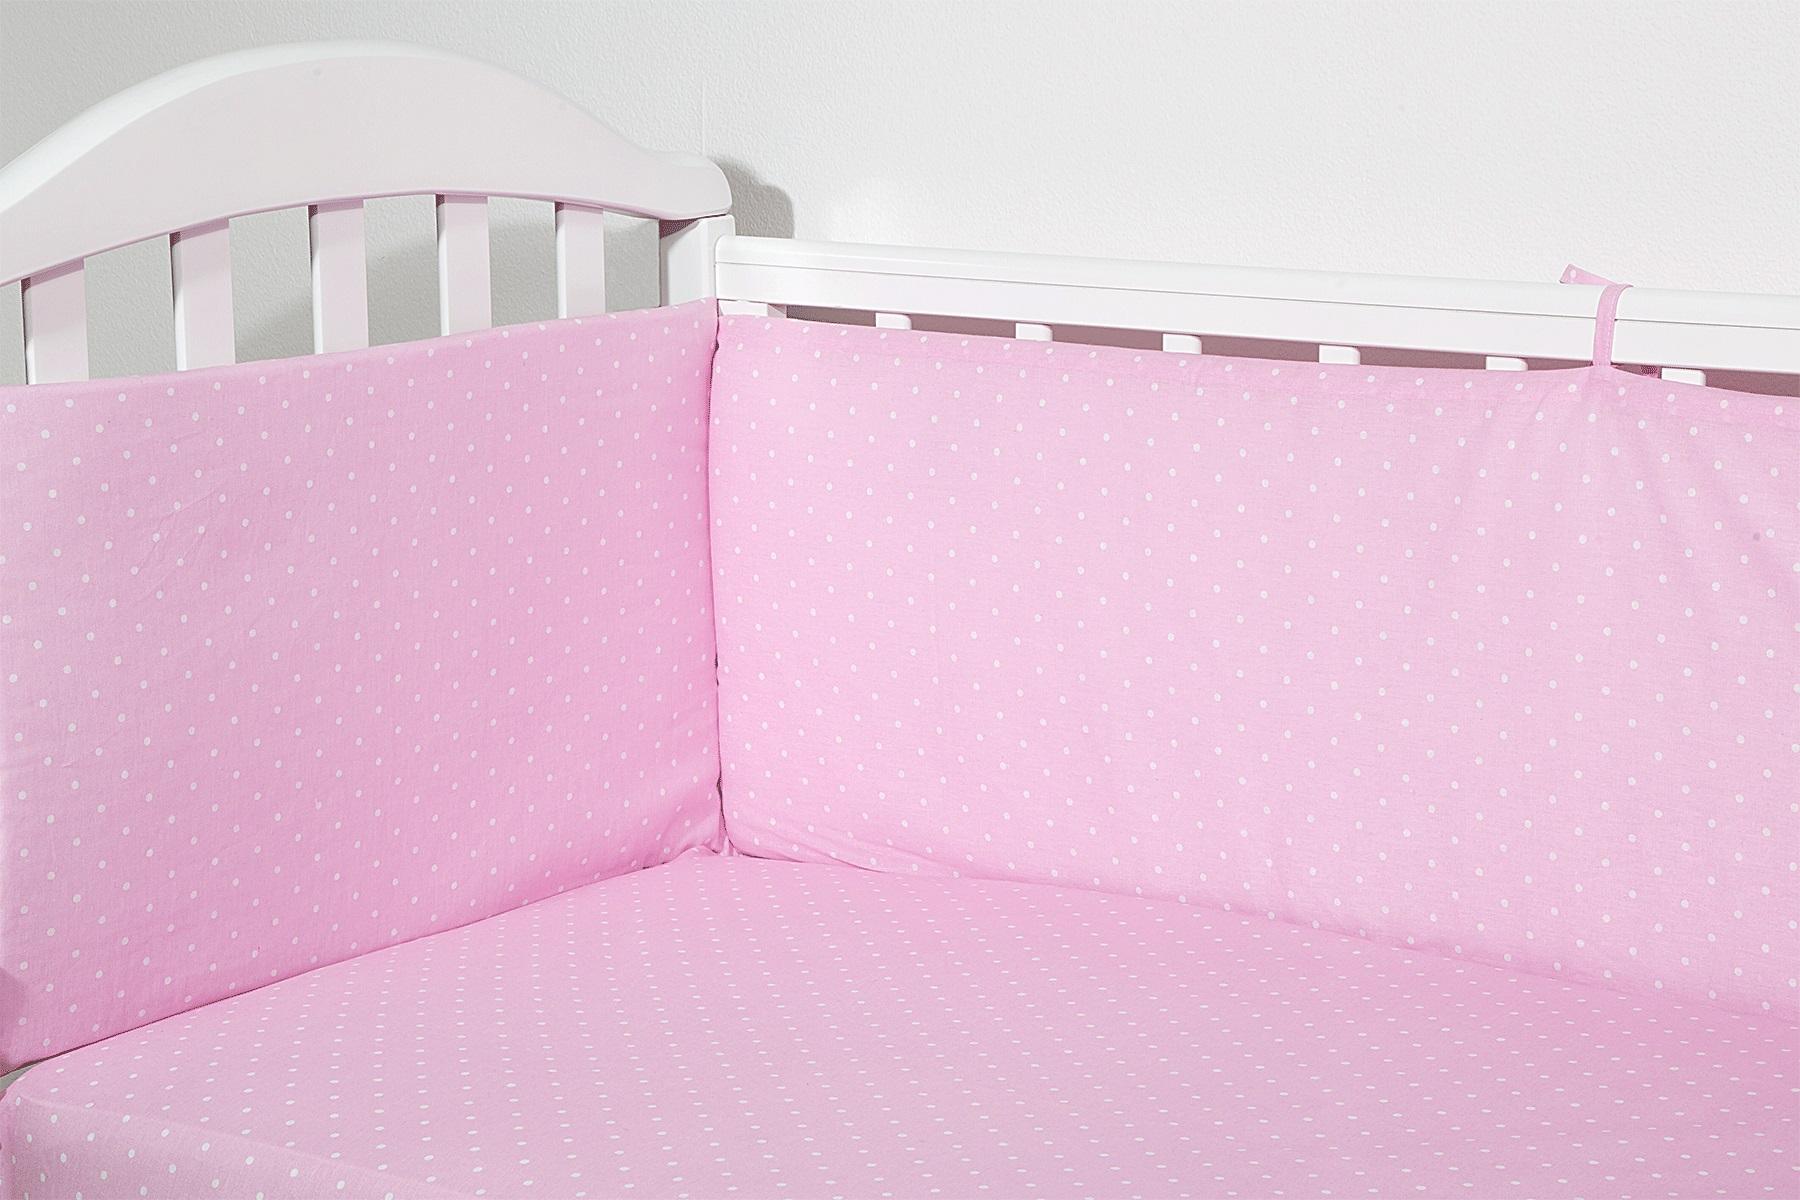 Baby Nice Бортик для кровати Горох цвет розовыйS6012702Борт в кроватку (его ещё называют бампер) является отличной защитой малыша от сквозняков и ударов при поворотах в кроватке. Ткань верха: 100% хлопок, наполнитель: экологически чистый нетканый материал для мягкой мебели - периотек. Дизайны бортов сочетаются с дизайнами постельного белья, так что, можно самостоятельно сделать полный комплект, идеальный для сна. Борта в кроватку - мягкие удобные долговечные: надежная и эстетичная защита вашего ребенка! 4-е стороны: 2 шт.: 120 х 35 см; 2 шт.: 60 х 35 см.